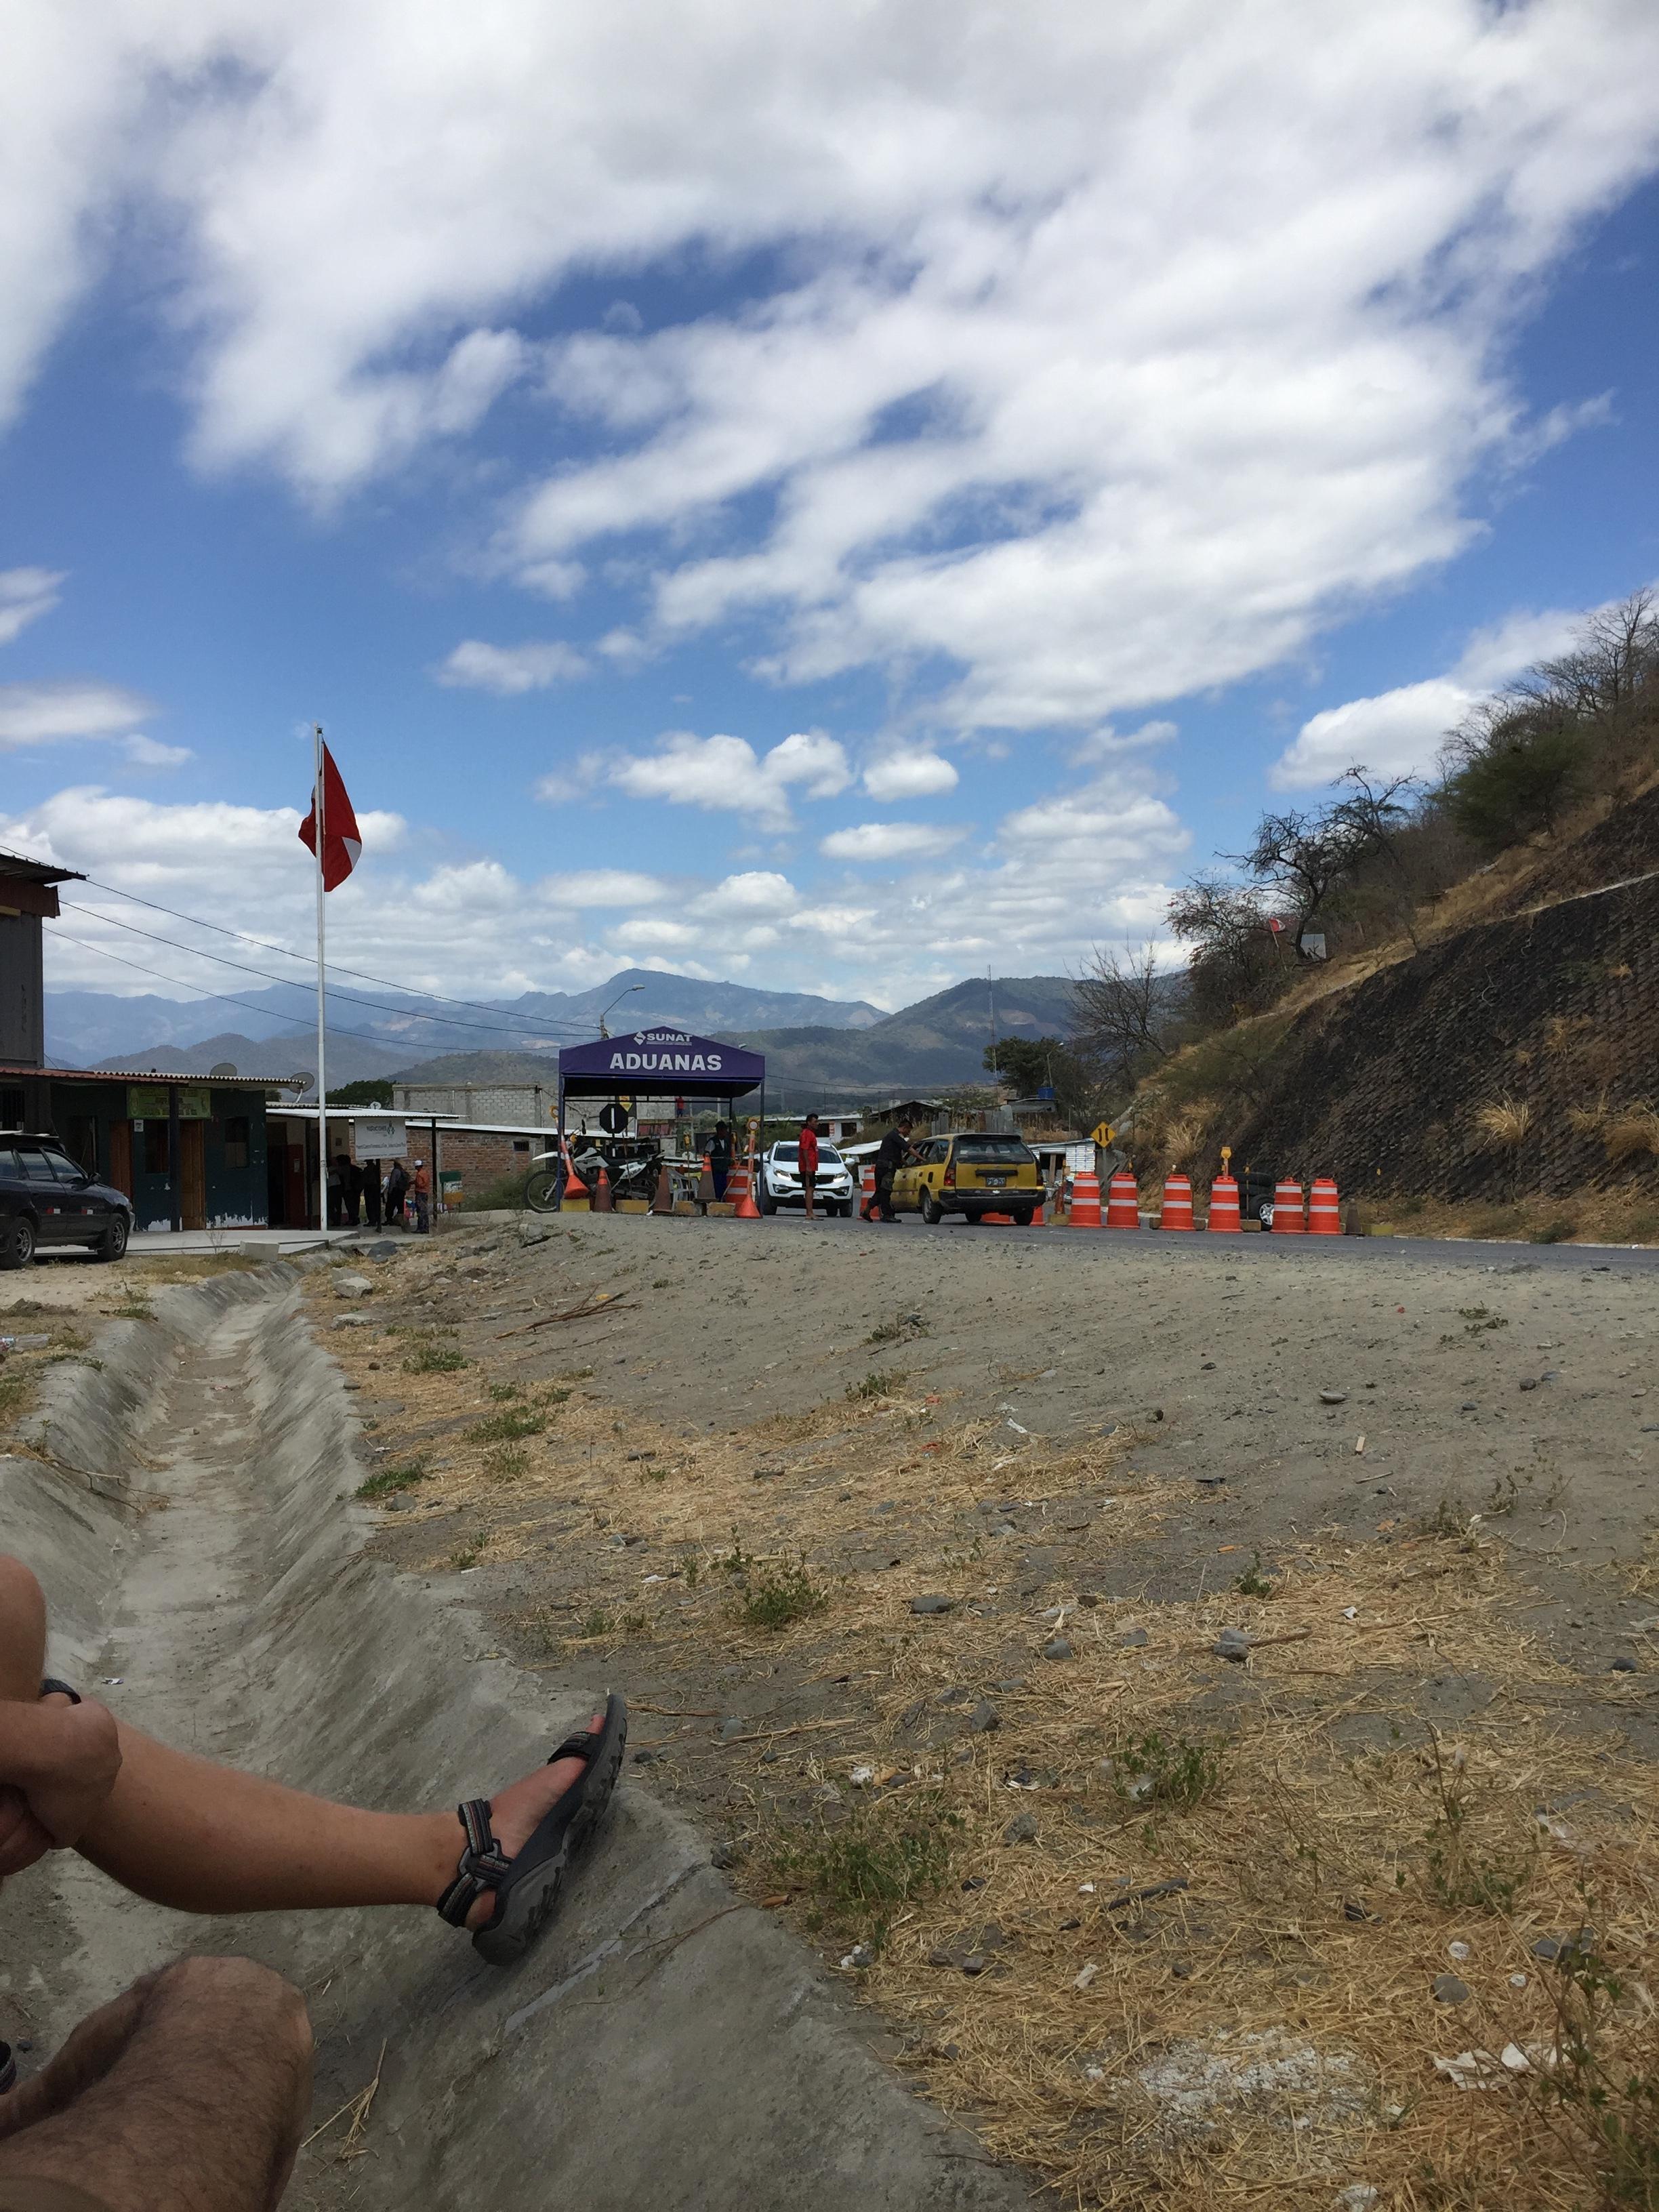 The Peruvian border